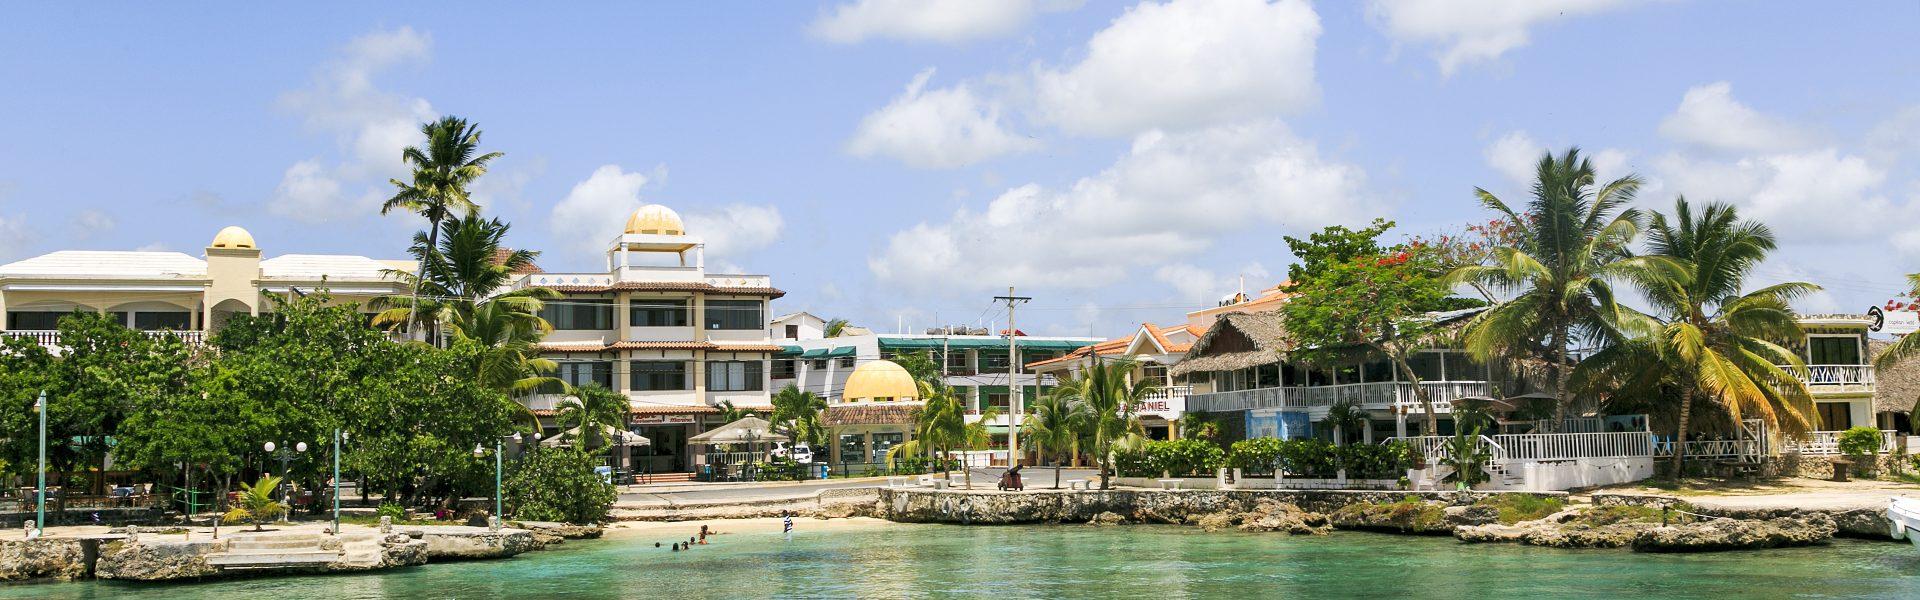 Casa Daniel front view